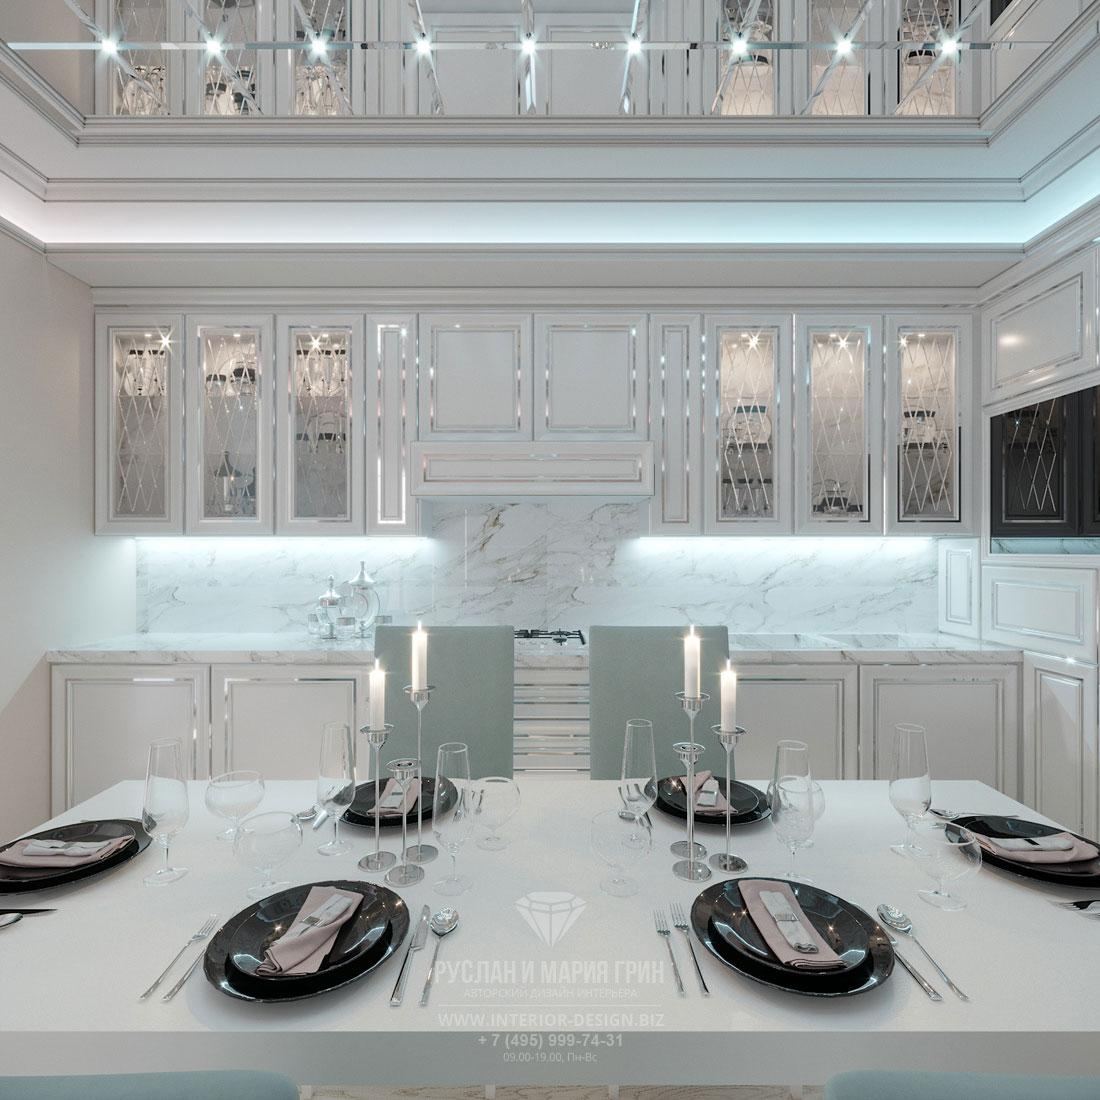 Дизайн интерьера кухни-столовой в стиле арт-деко